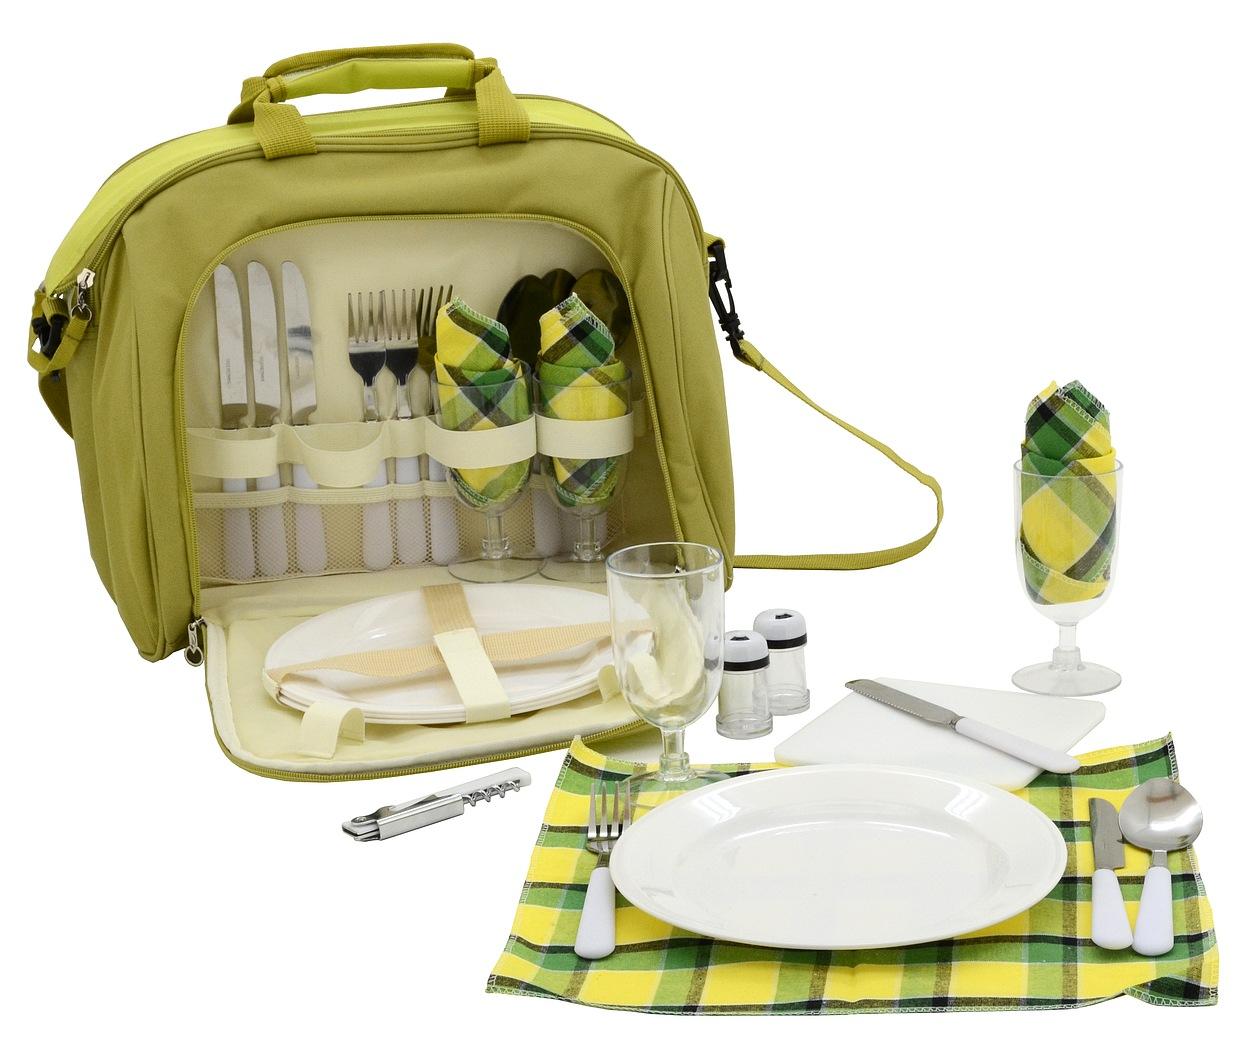 Výbava pro piknik